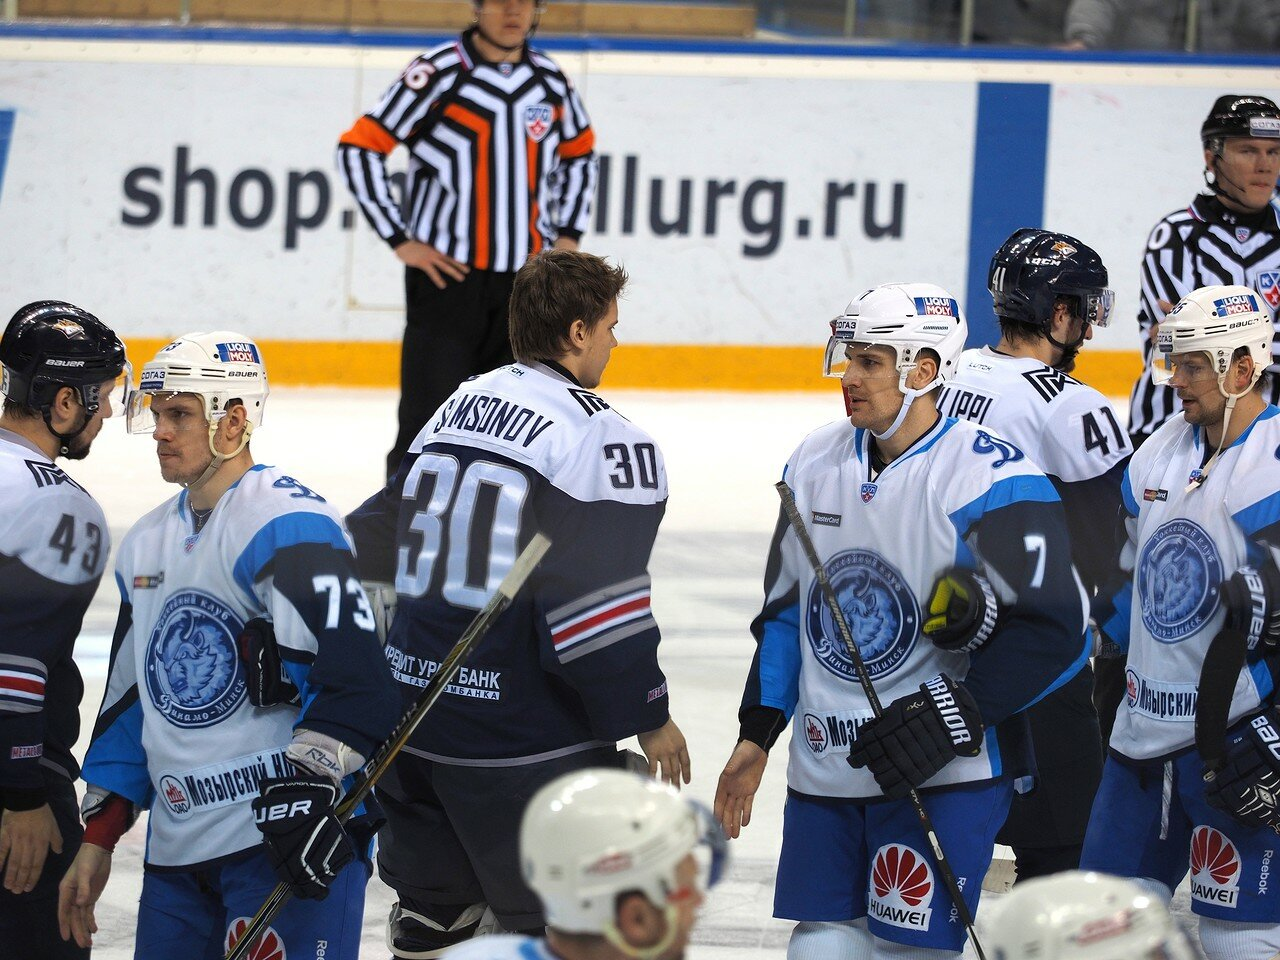 68Металлург - Динамо Минск 13.01.2015